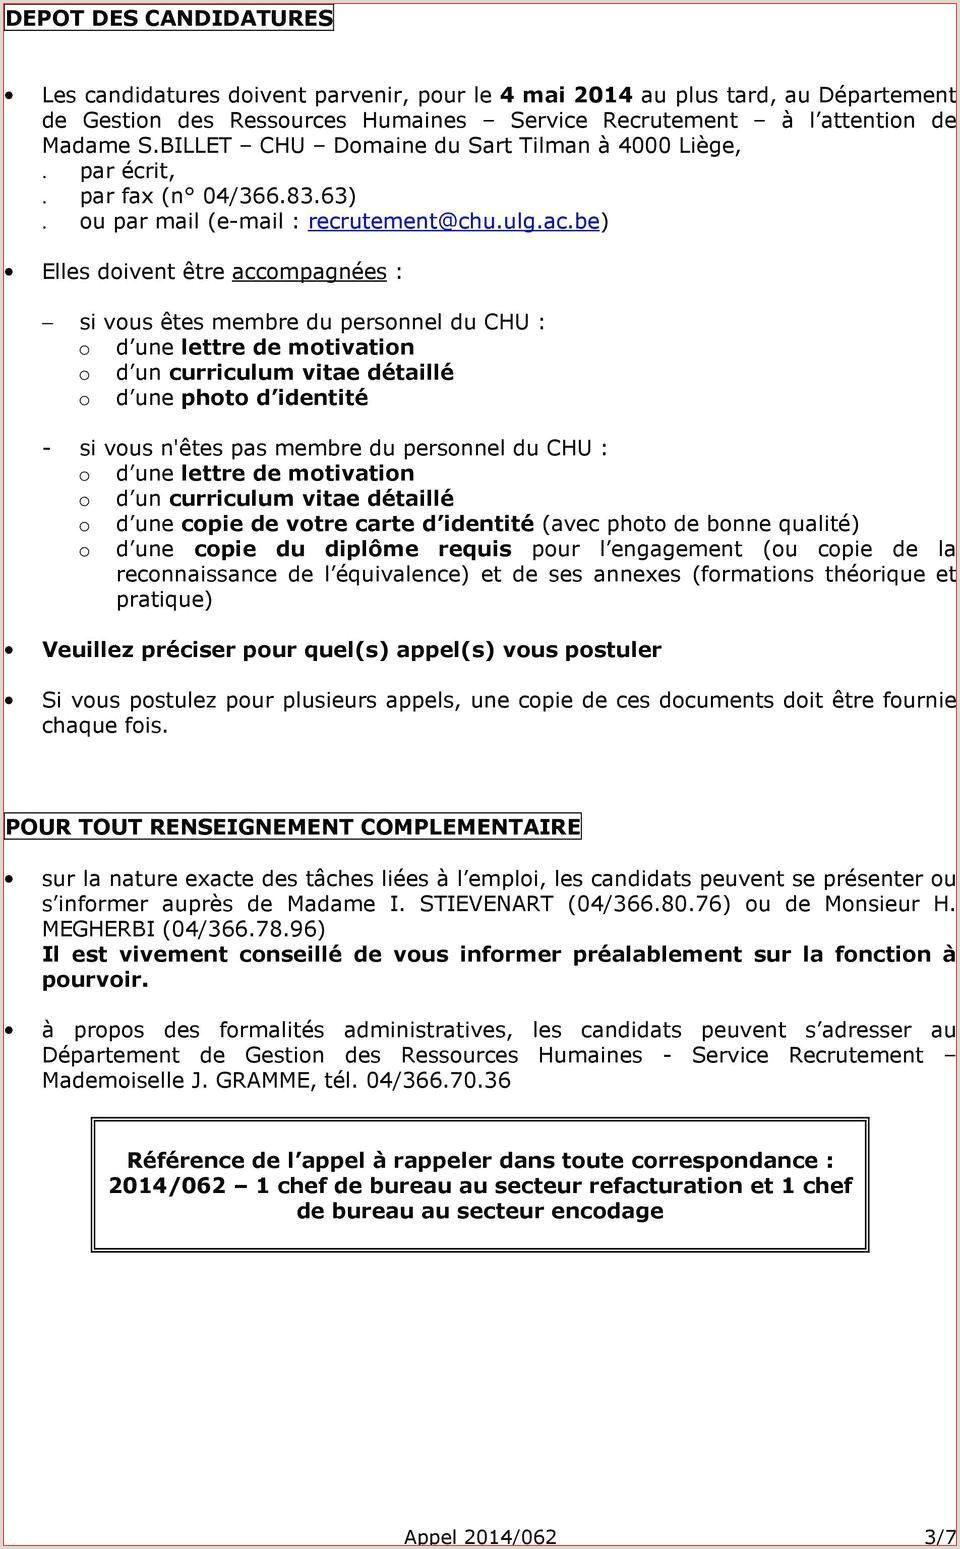 Exemple De Cv Pour Premier Emploi 89 Exemple De Lettre De Motivation Alternance Entreprise